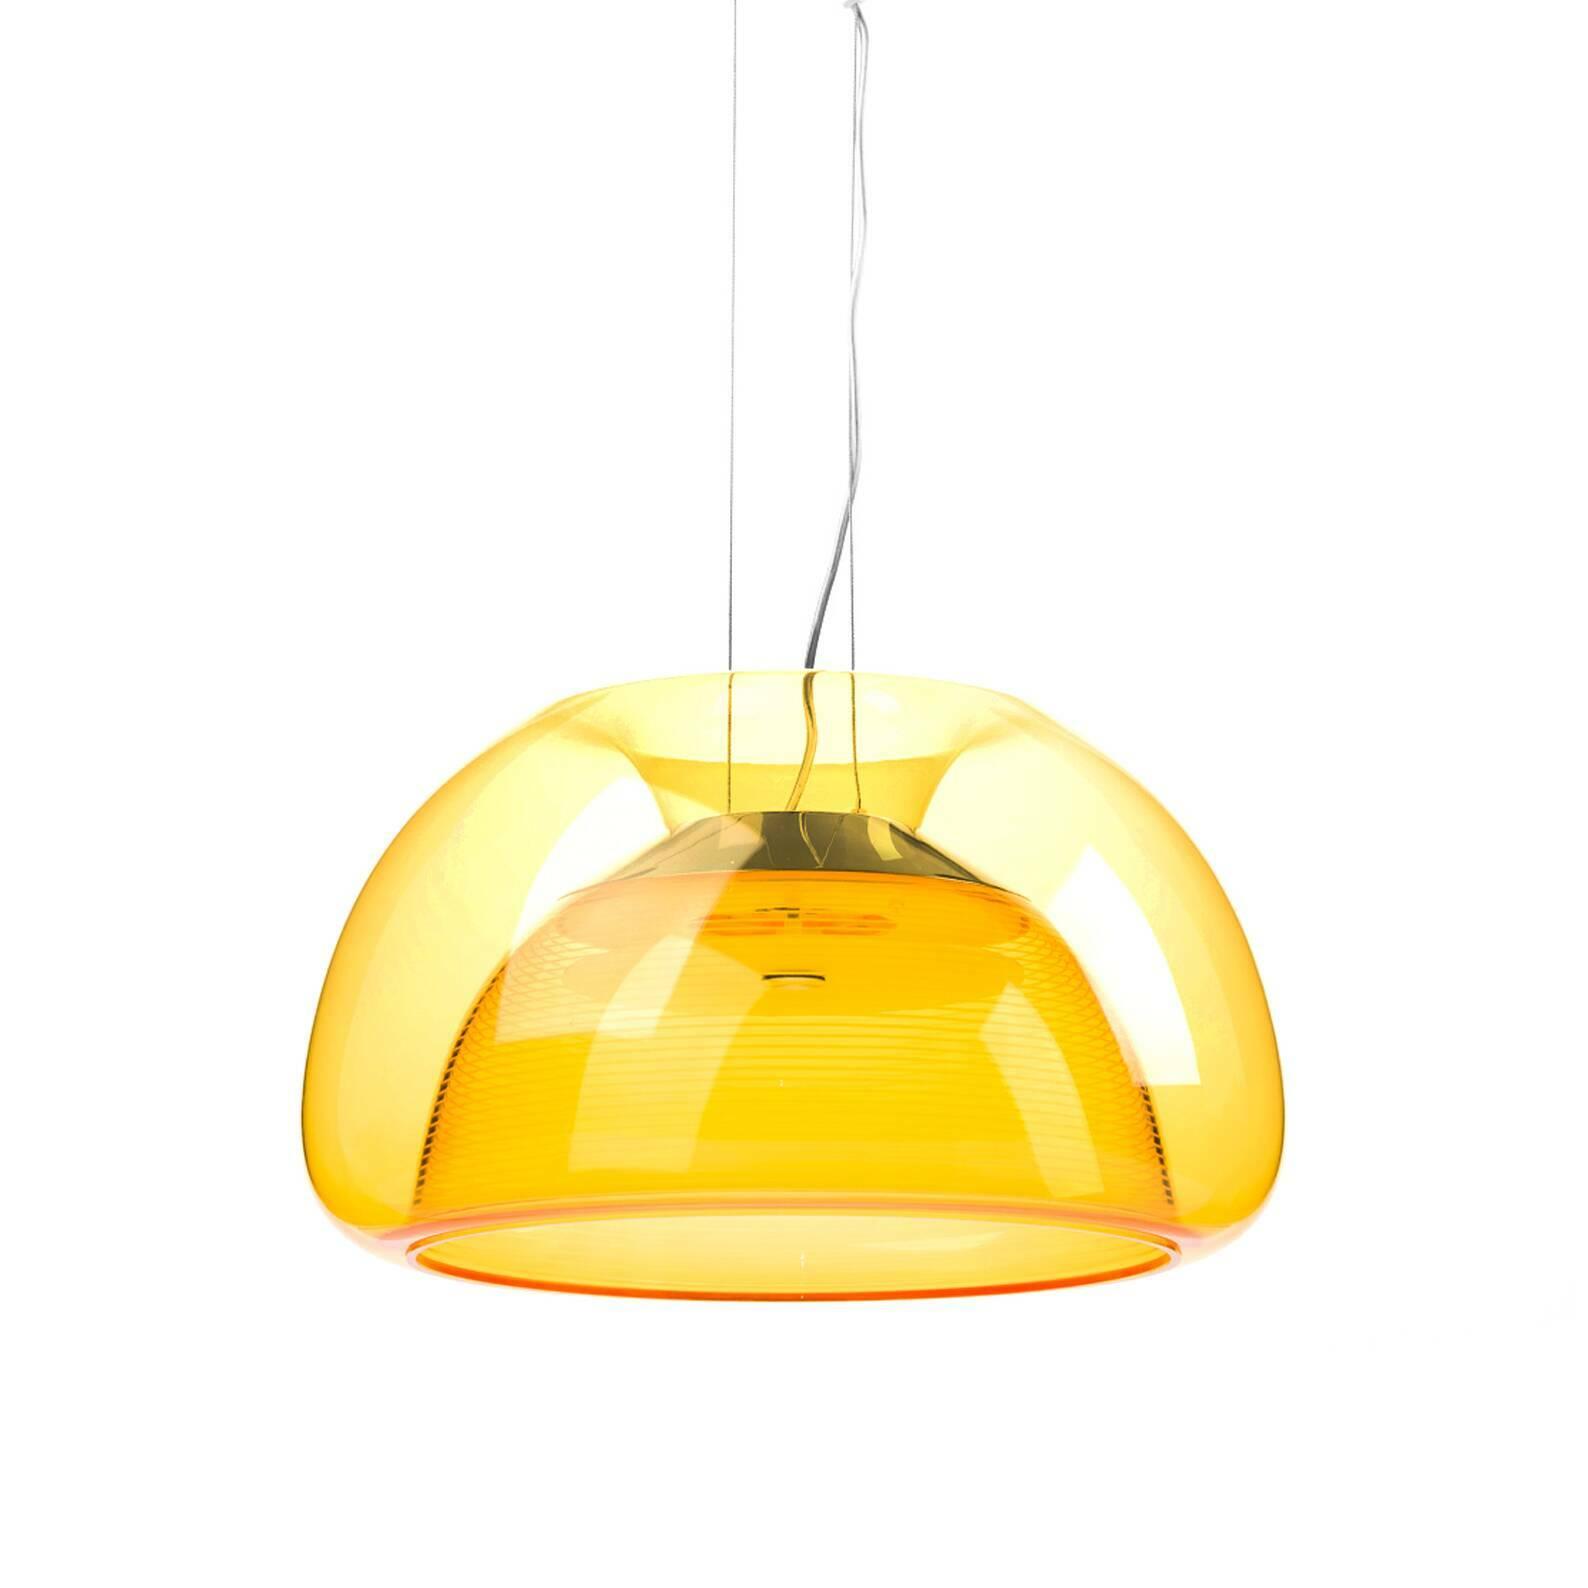 Подвесной светильник AureliaПодвесные<br>Подвесной светильник Aurelia — это завораживающий, удивительно красивый светильник, название которого переводится как «лунная медуза». Светильник Aurelia вызывает чувство спокойствия, граничащее с состоянием транса.<br><br><br><br> Энергосберегающие светодиодные лампы подвесного светильника Aurelia, на создание которых авторов вдохновили загадочные обитатели подводного мира, заставляют испытывать восторг не только при взгляде на светильник, но и при прикосновении к нему. Подвесной светильник Au...<br><br>stock: 0<br>Высота: 200<br>Диаметр: 35<br>Материал абажура: Акрил<br>Мощность лампы: 18<br>Напряжение: 220<br>Тип лампы/цоколь: LED<br>Цвет абажура: Оранжевый